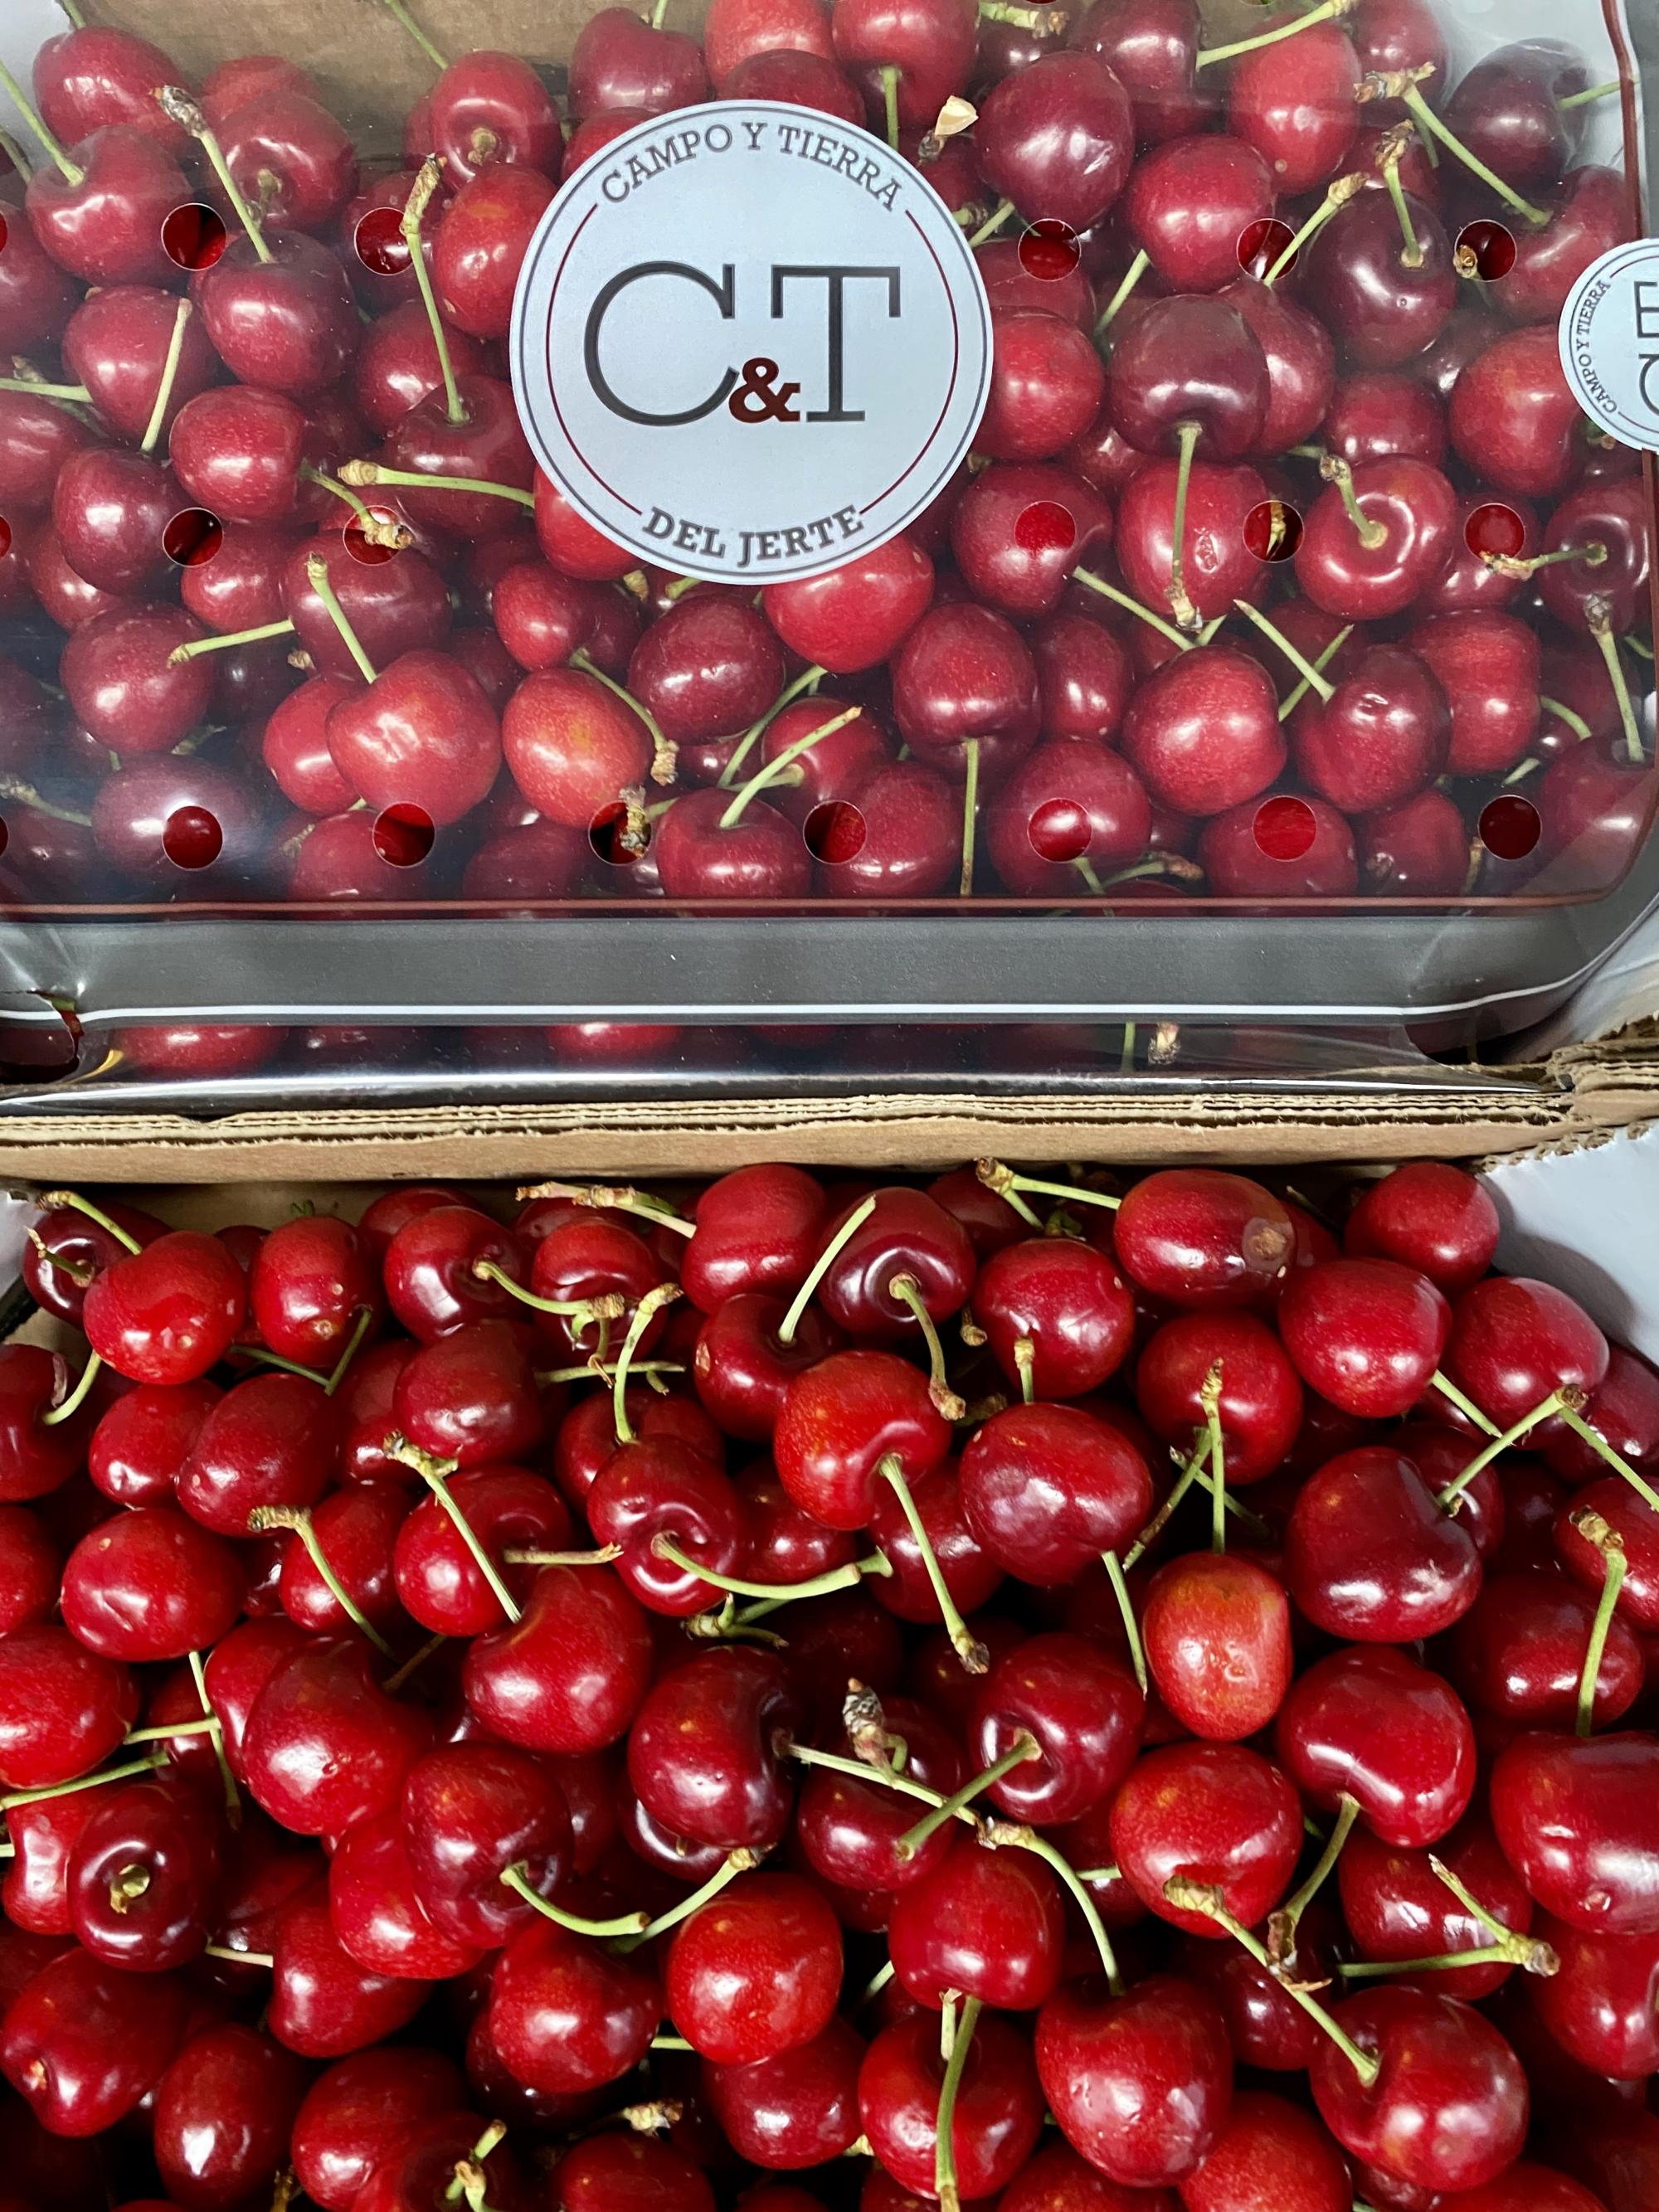 Mein-Wedel-elbkiosk-Frischemarkt-Obst-Gemuese-24